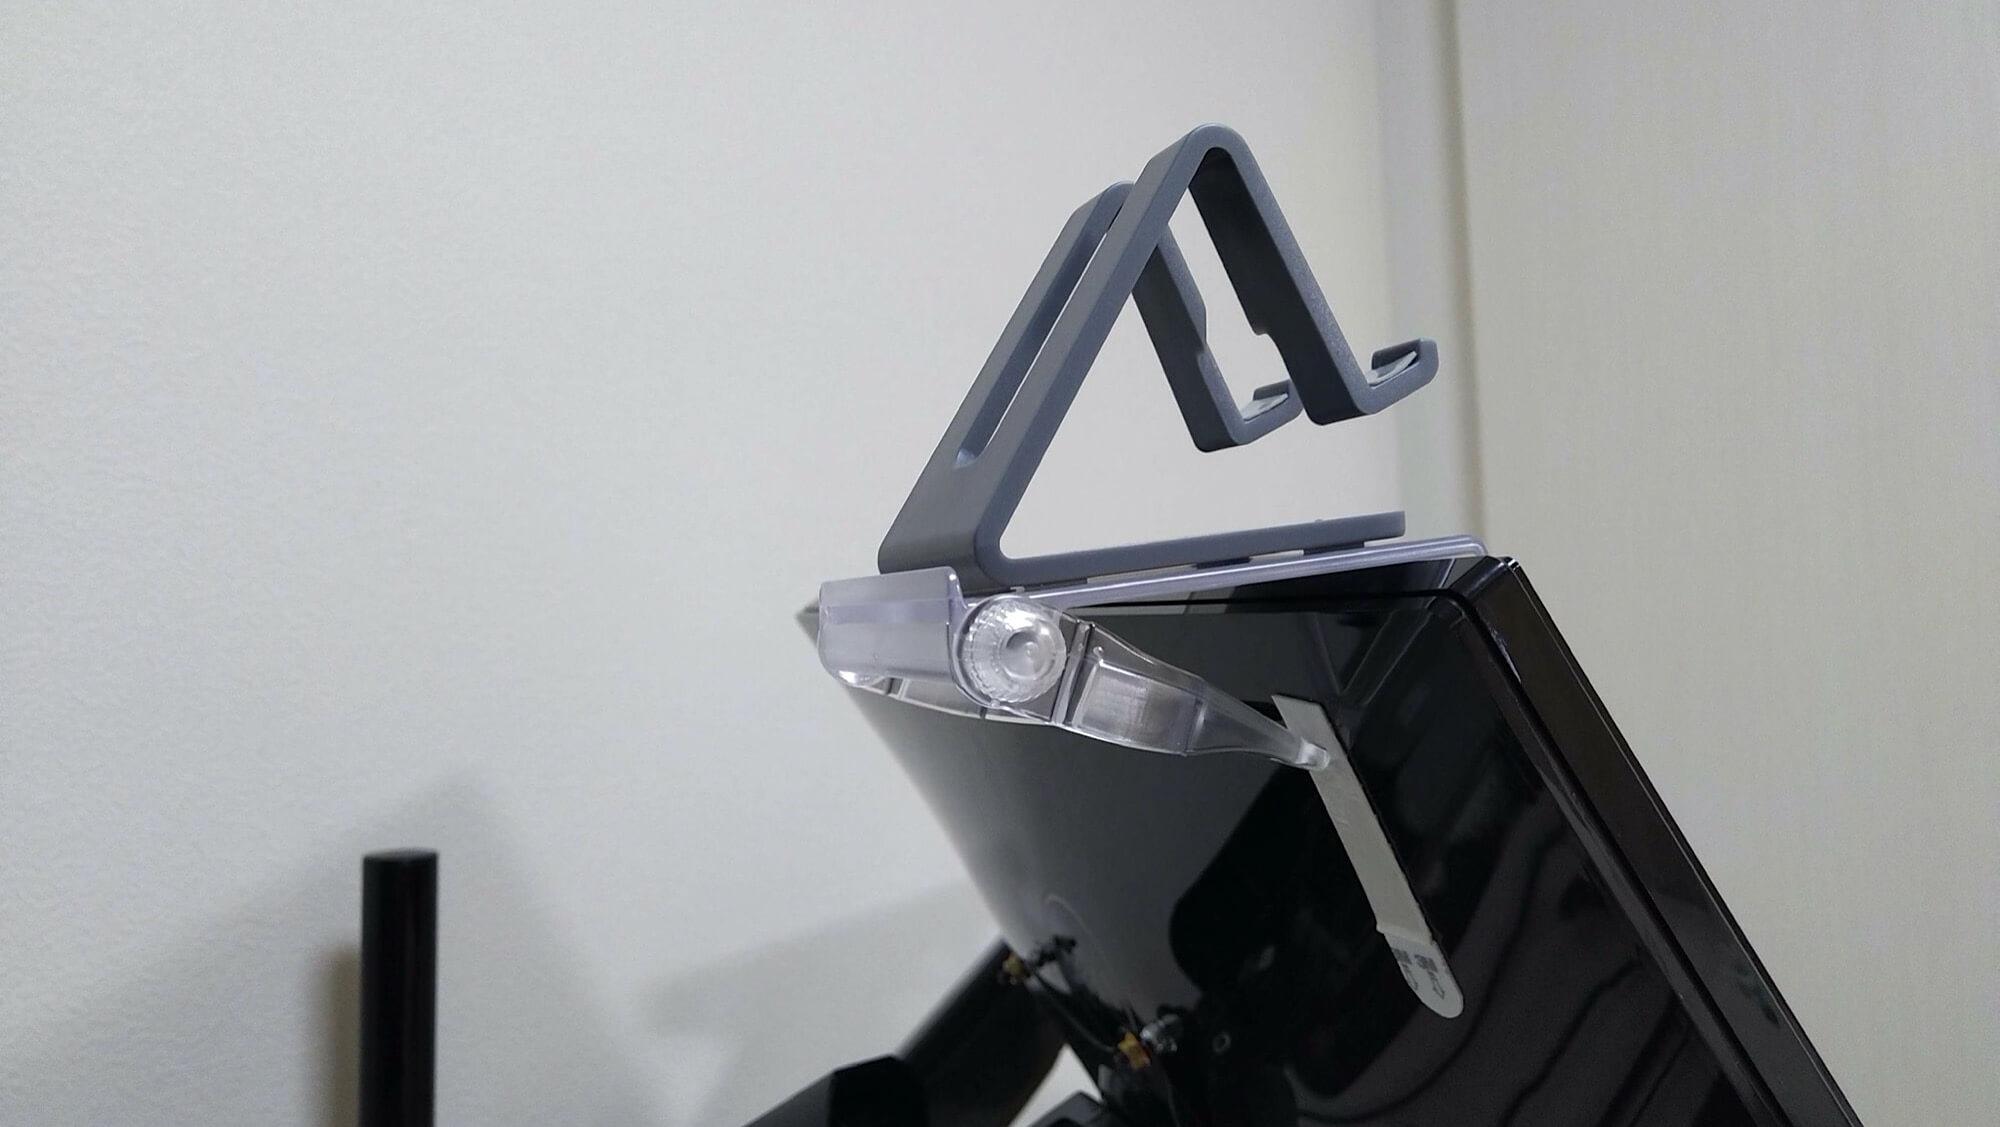 スマホ置き場を液晶ディスプレイの上に作ったよ(裏側)/モニター&ノートPC用アームとダイソーのスマホホルダーで机を快適に